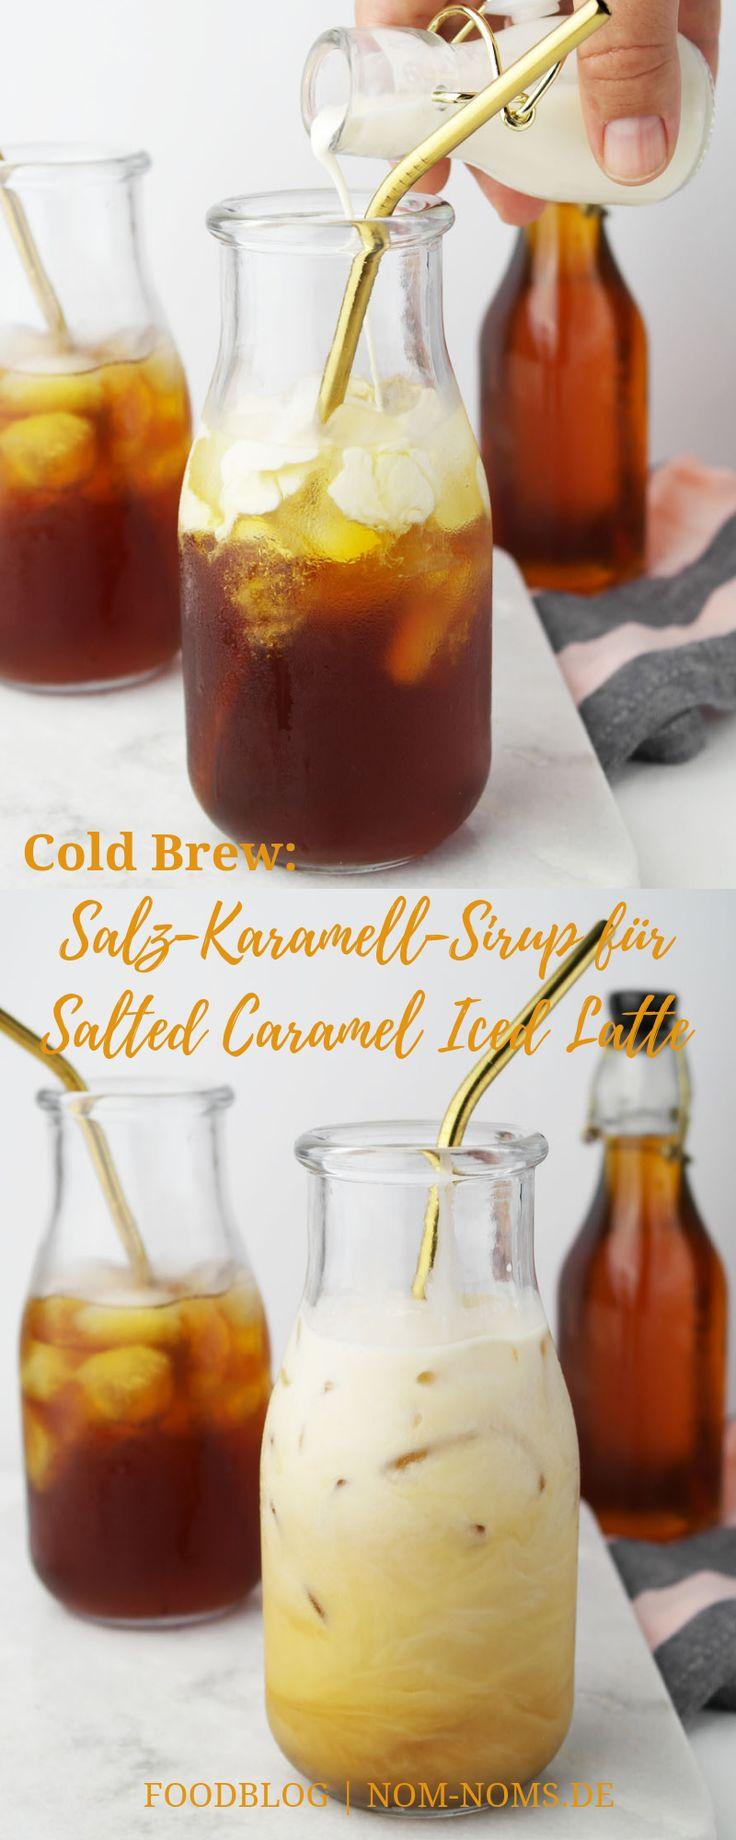 Salt Caramel Syrup for Salted Caramel Iced Latte with Cold Brew   – Blog   Nom Noms food ♥